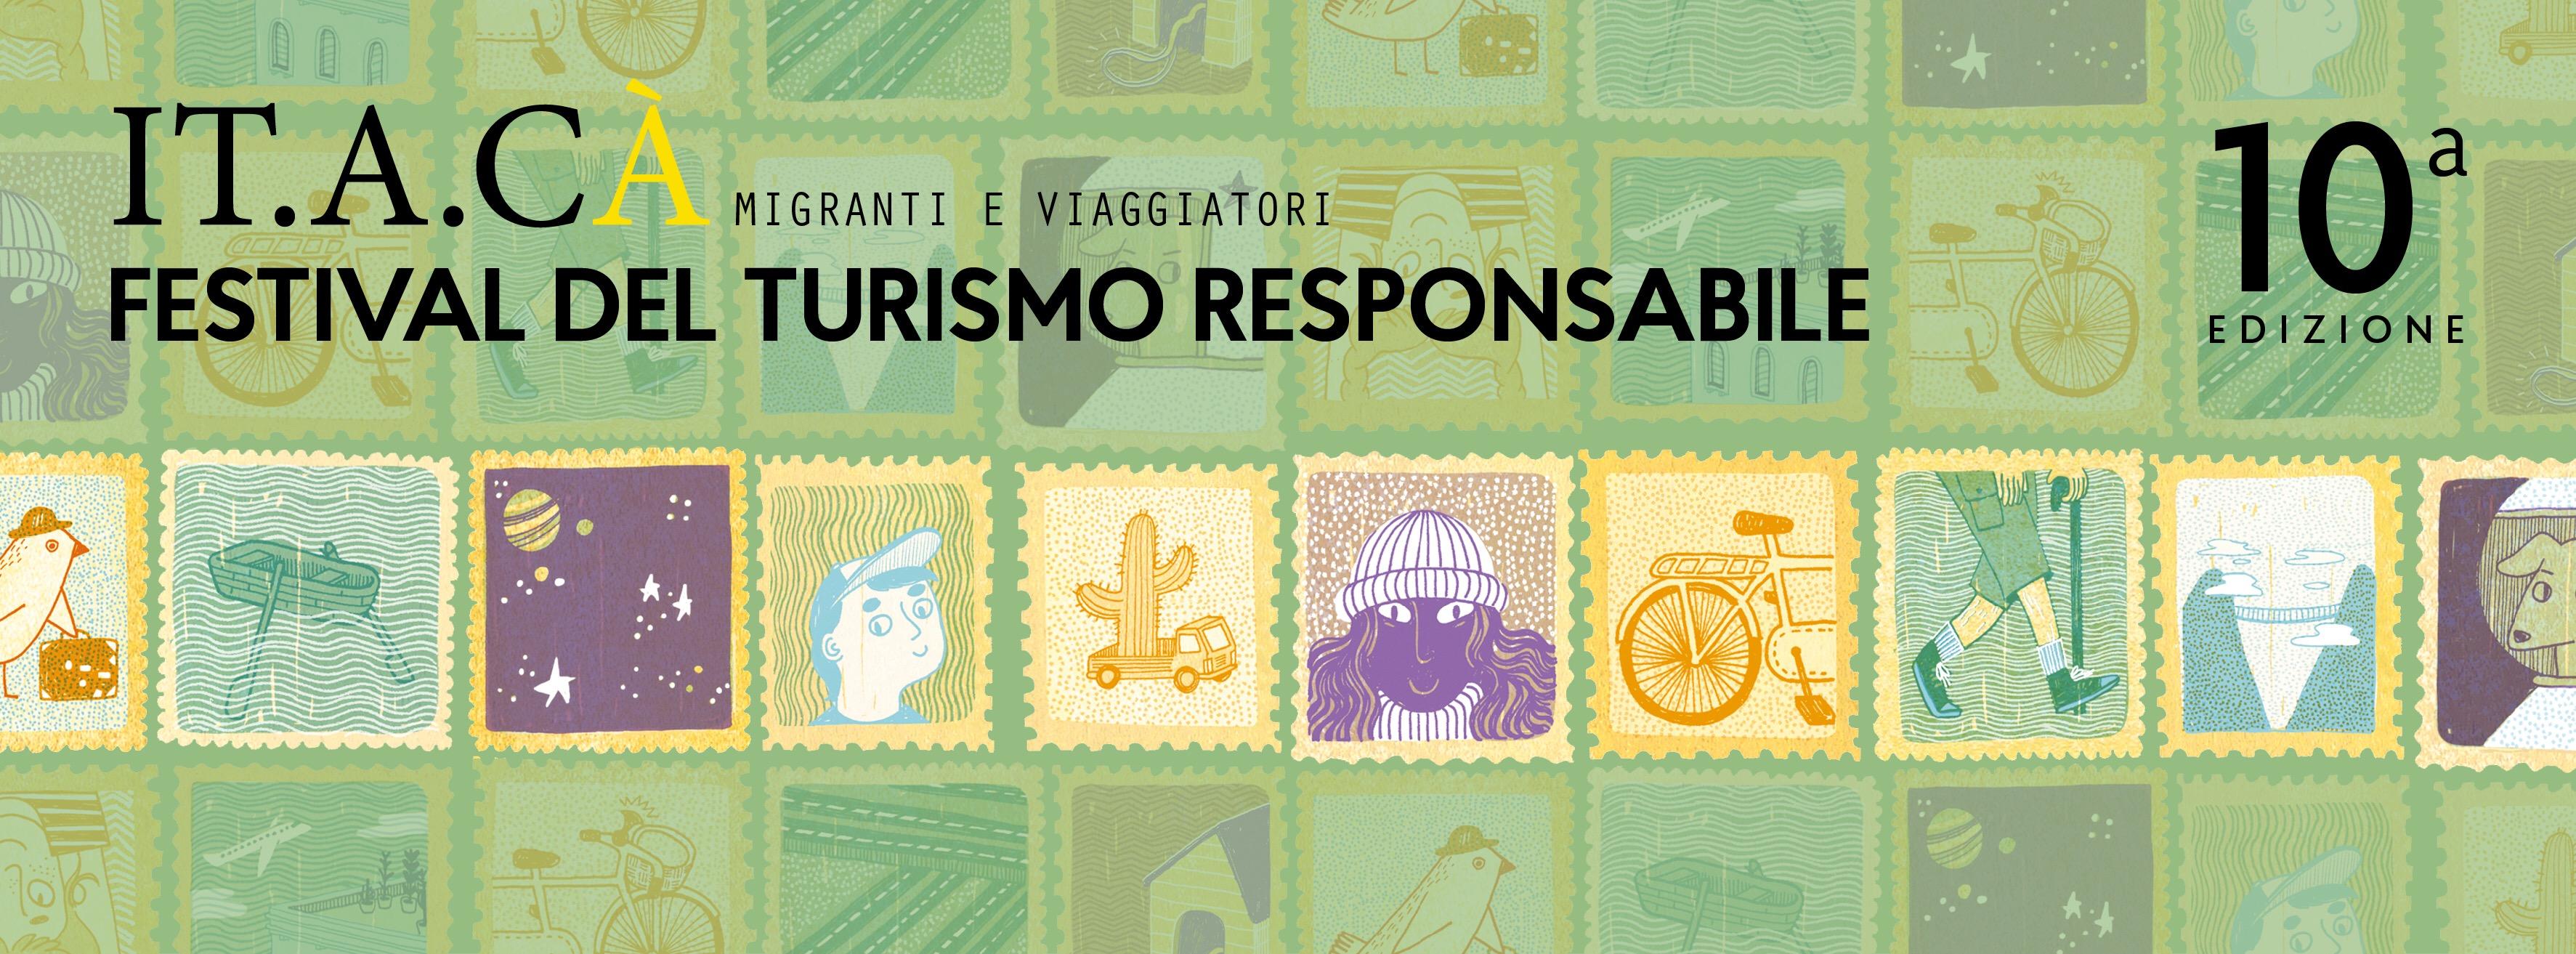 IT.A.CA' Festival del turismo responsabile